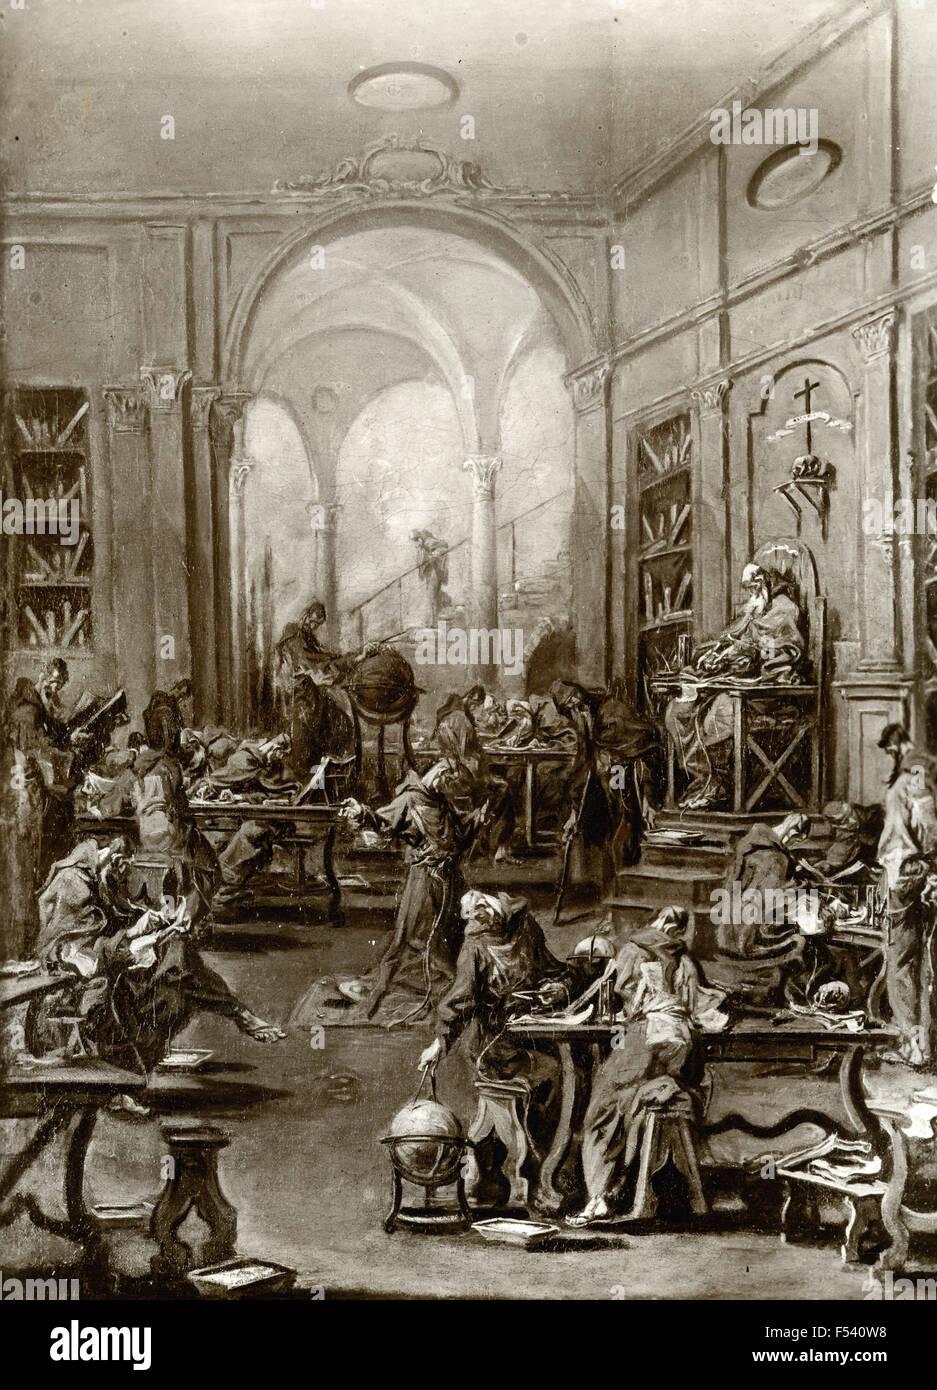 Peinture de l'école jésuite , seconde moitié du xviie siècle, l'école de Venise, Italie Banque D'Images